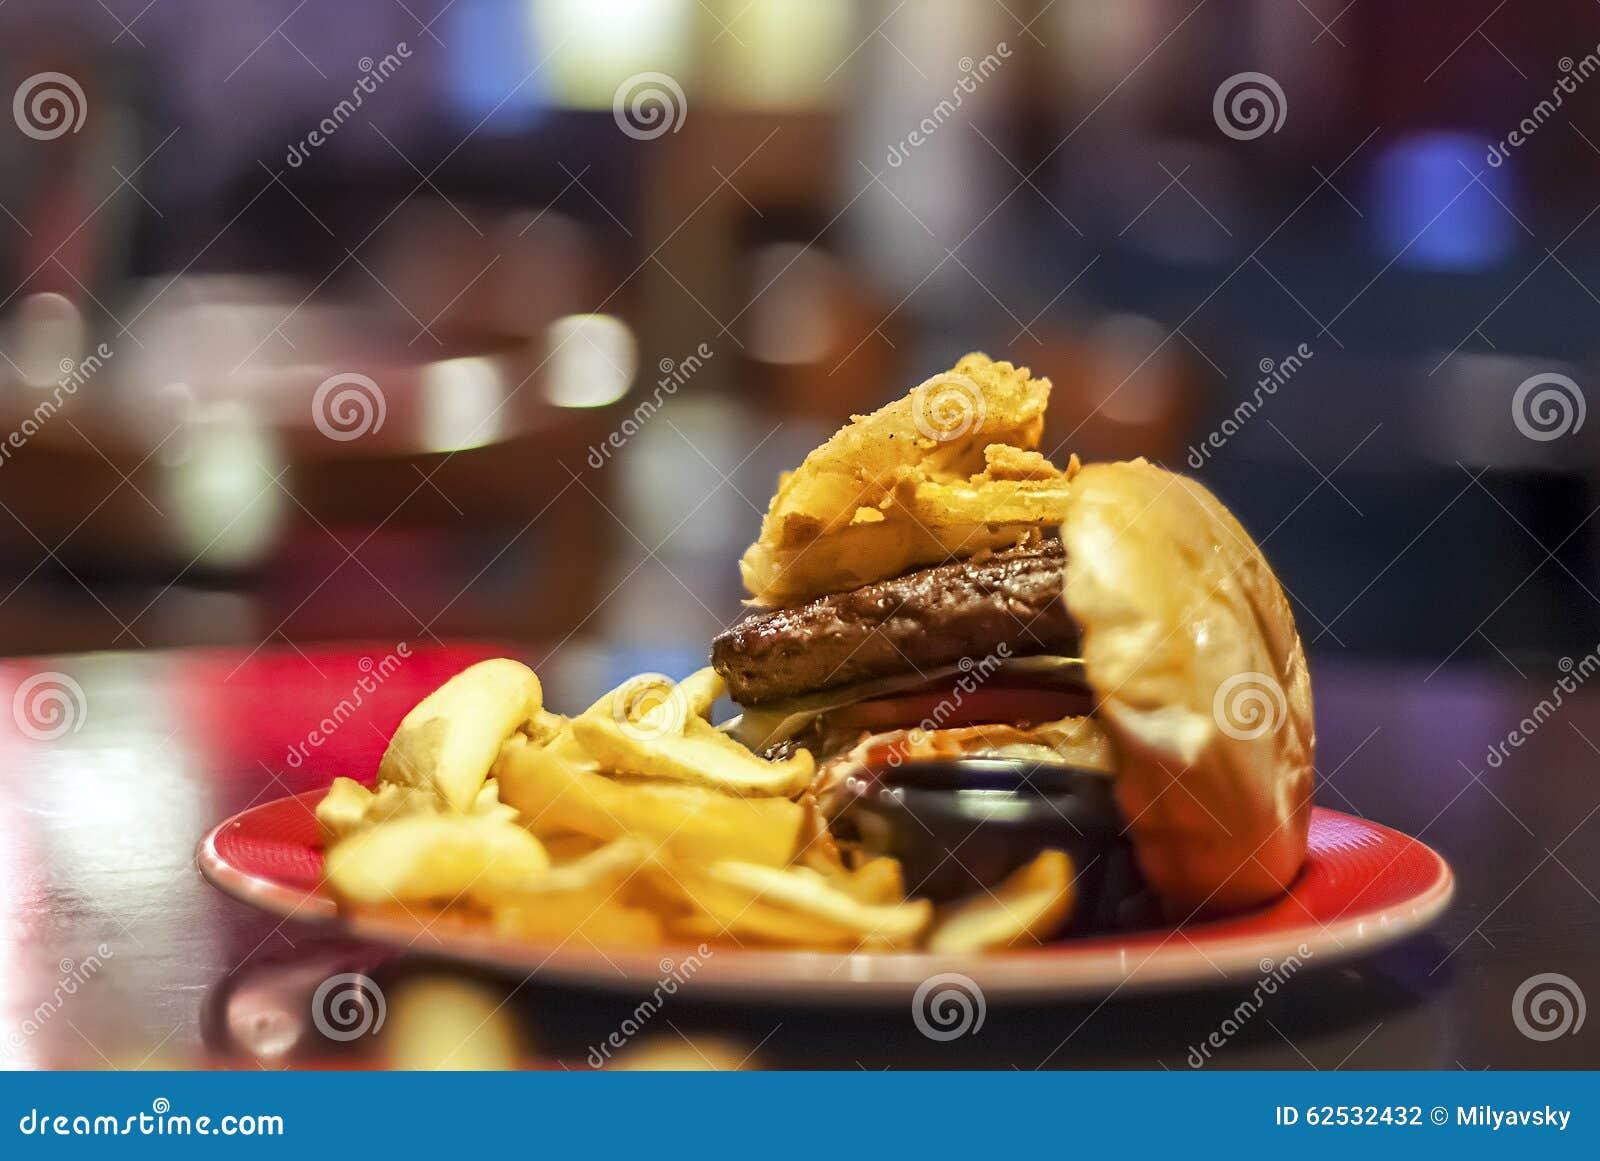 Fast food essay ??? xxld